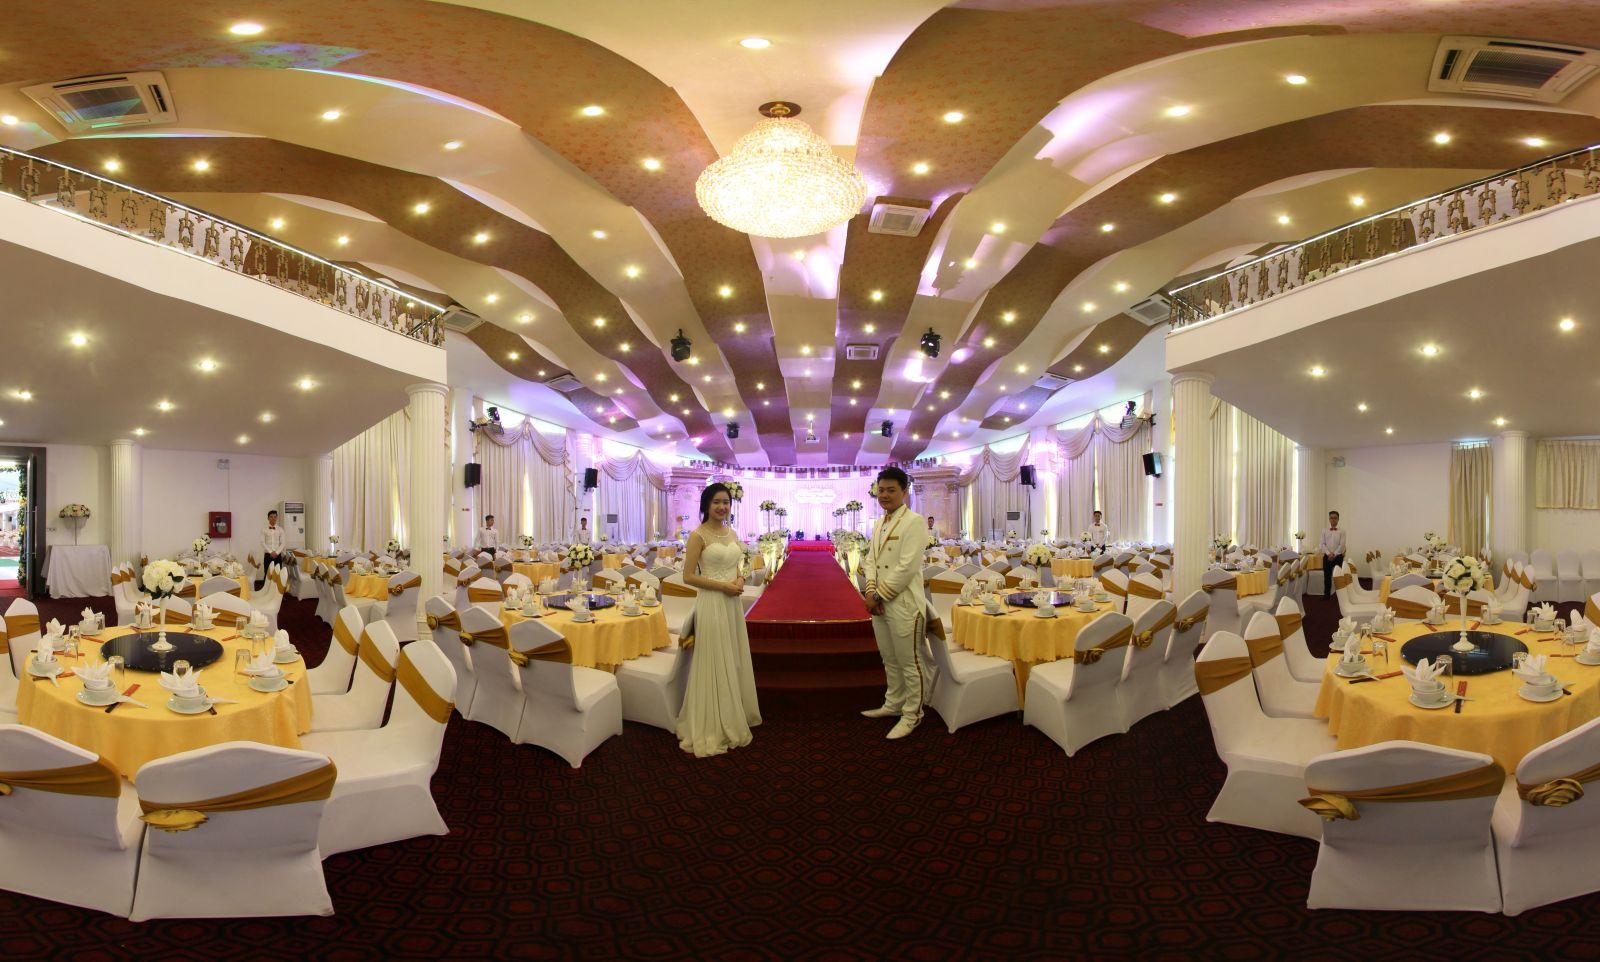 Tiêu chí nào lựa chọn một trung tâm tổ chức tiệc cưới hoàn hảo